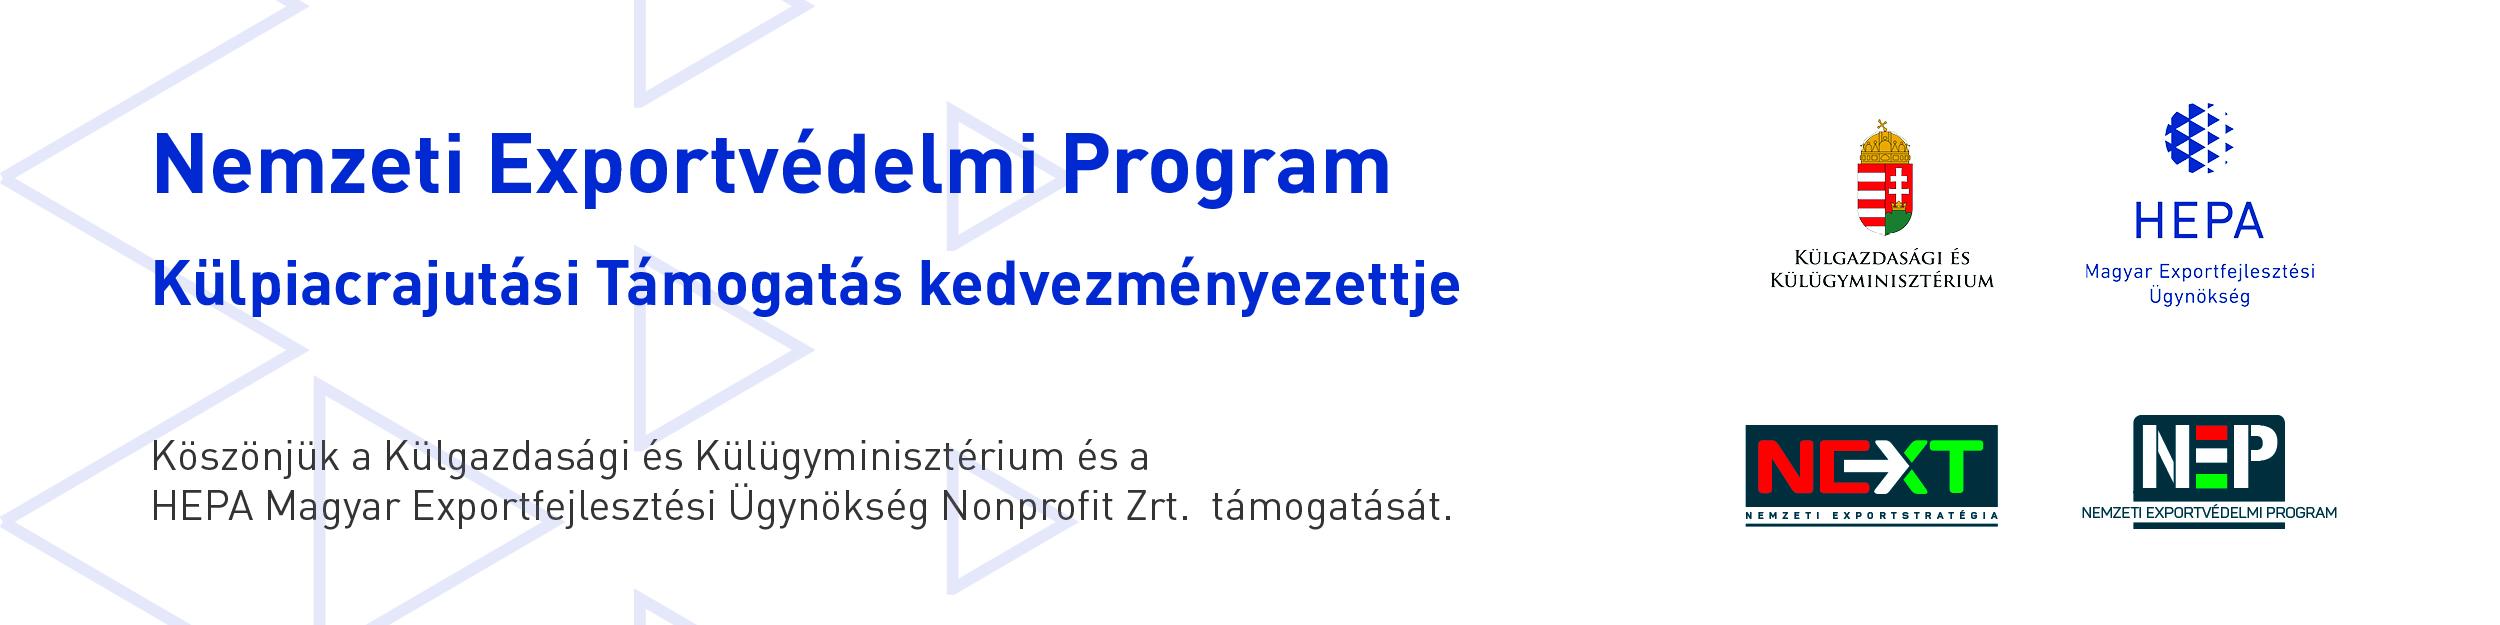 Weboldali tájékoztató banner